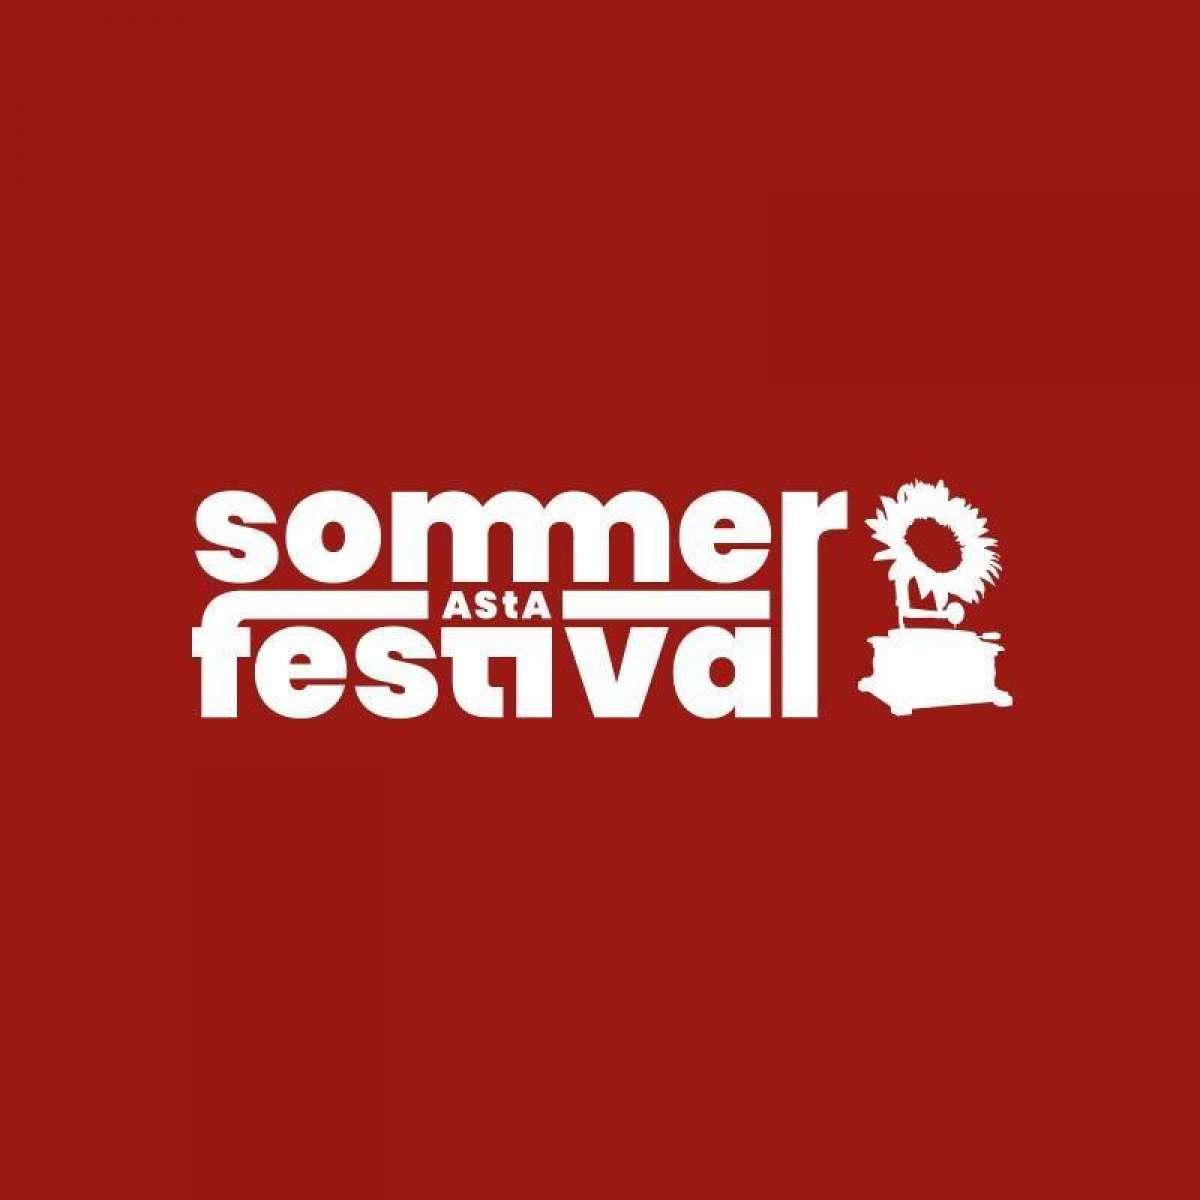 Ww-Terminator: Asta-Sommerfestival - Von Wegen Lisbeth und Querbeat - Universität Paderborn - Paderborn